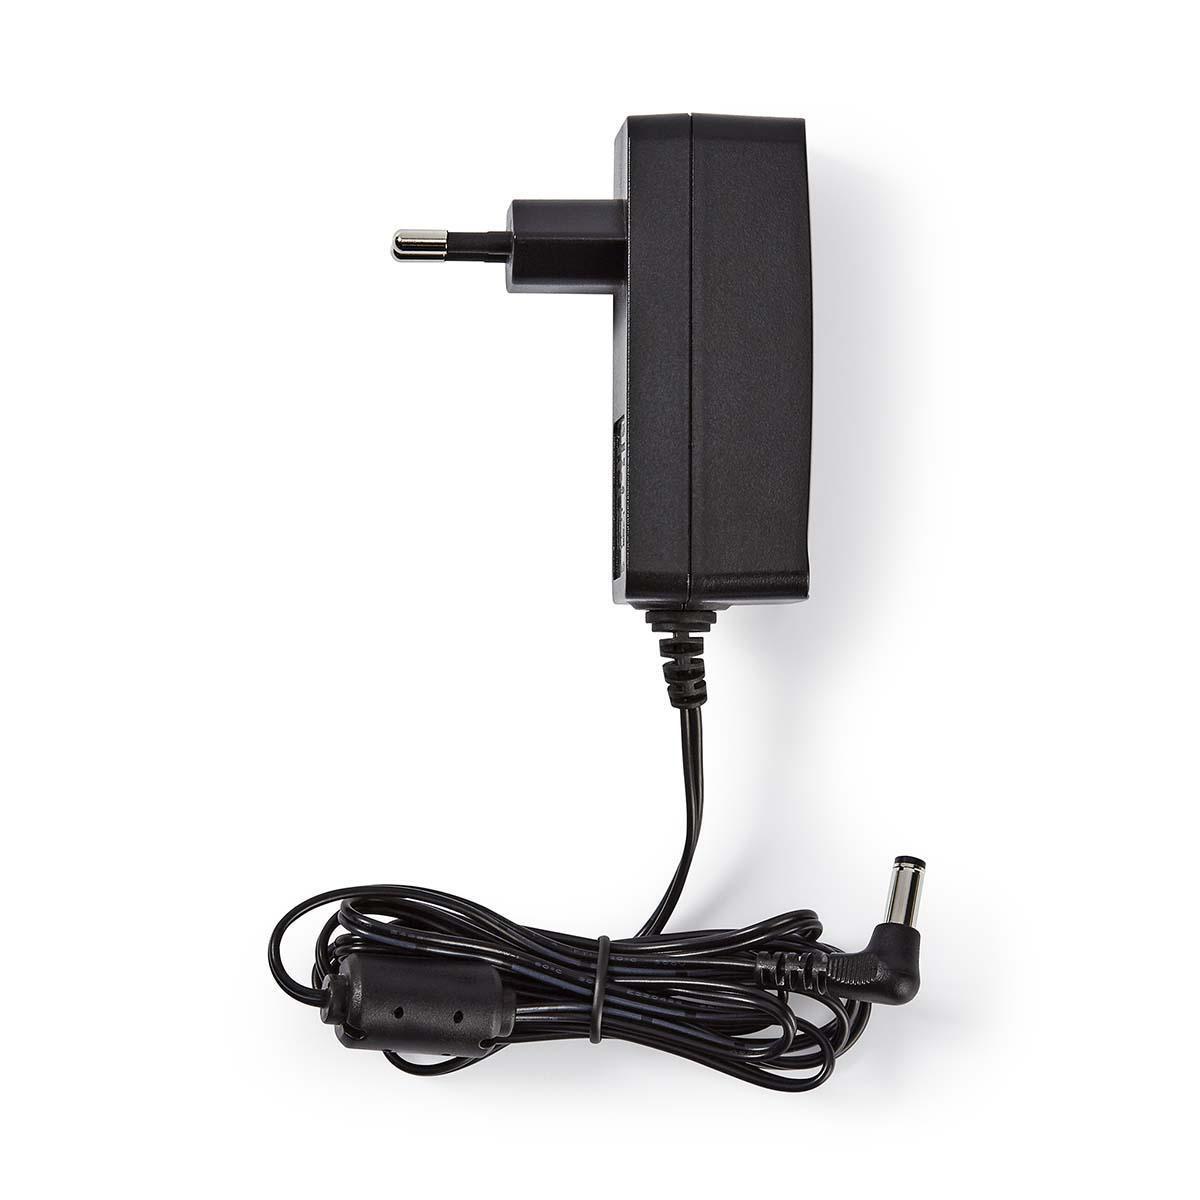 Dies ist kein Standard-CCTV-Adapter. Dieser Adapter wurde speziell für CCTV-Systeme entwickelt, die hohe Anforderungen an die zu liefernde Leistung stellen. Wo Standardadapter selten genug Strom für die Verwendung mit CCTV liefern, insbesondere wenn ein S